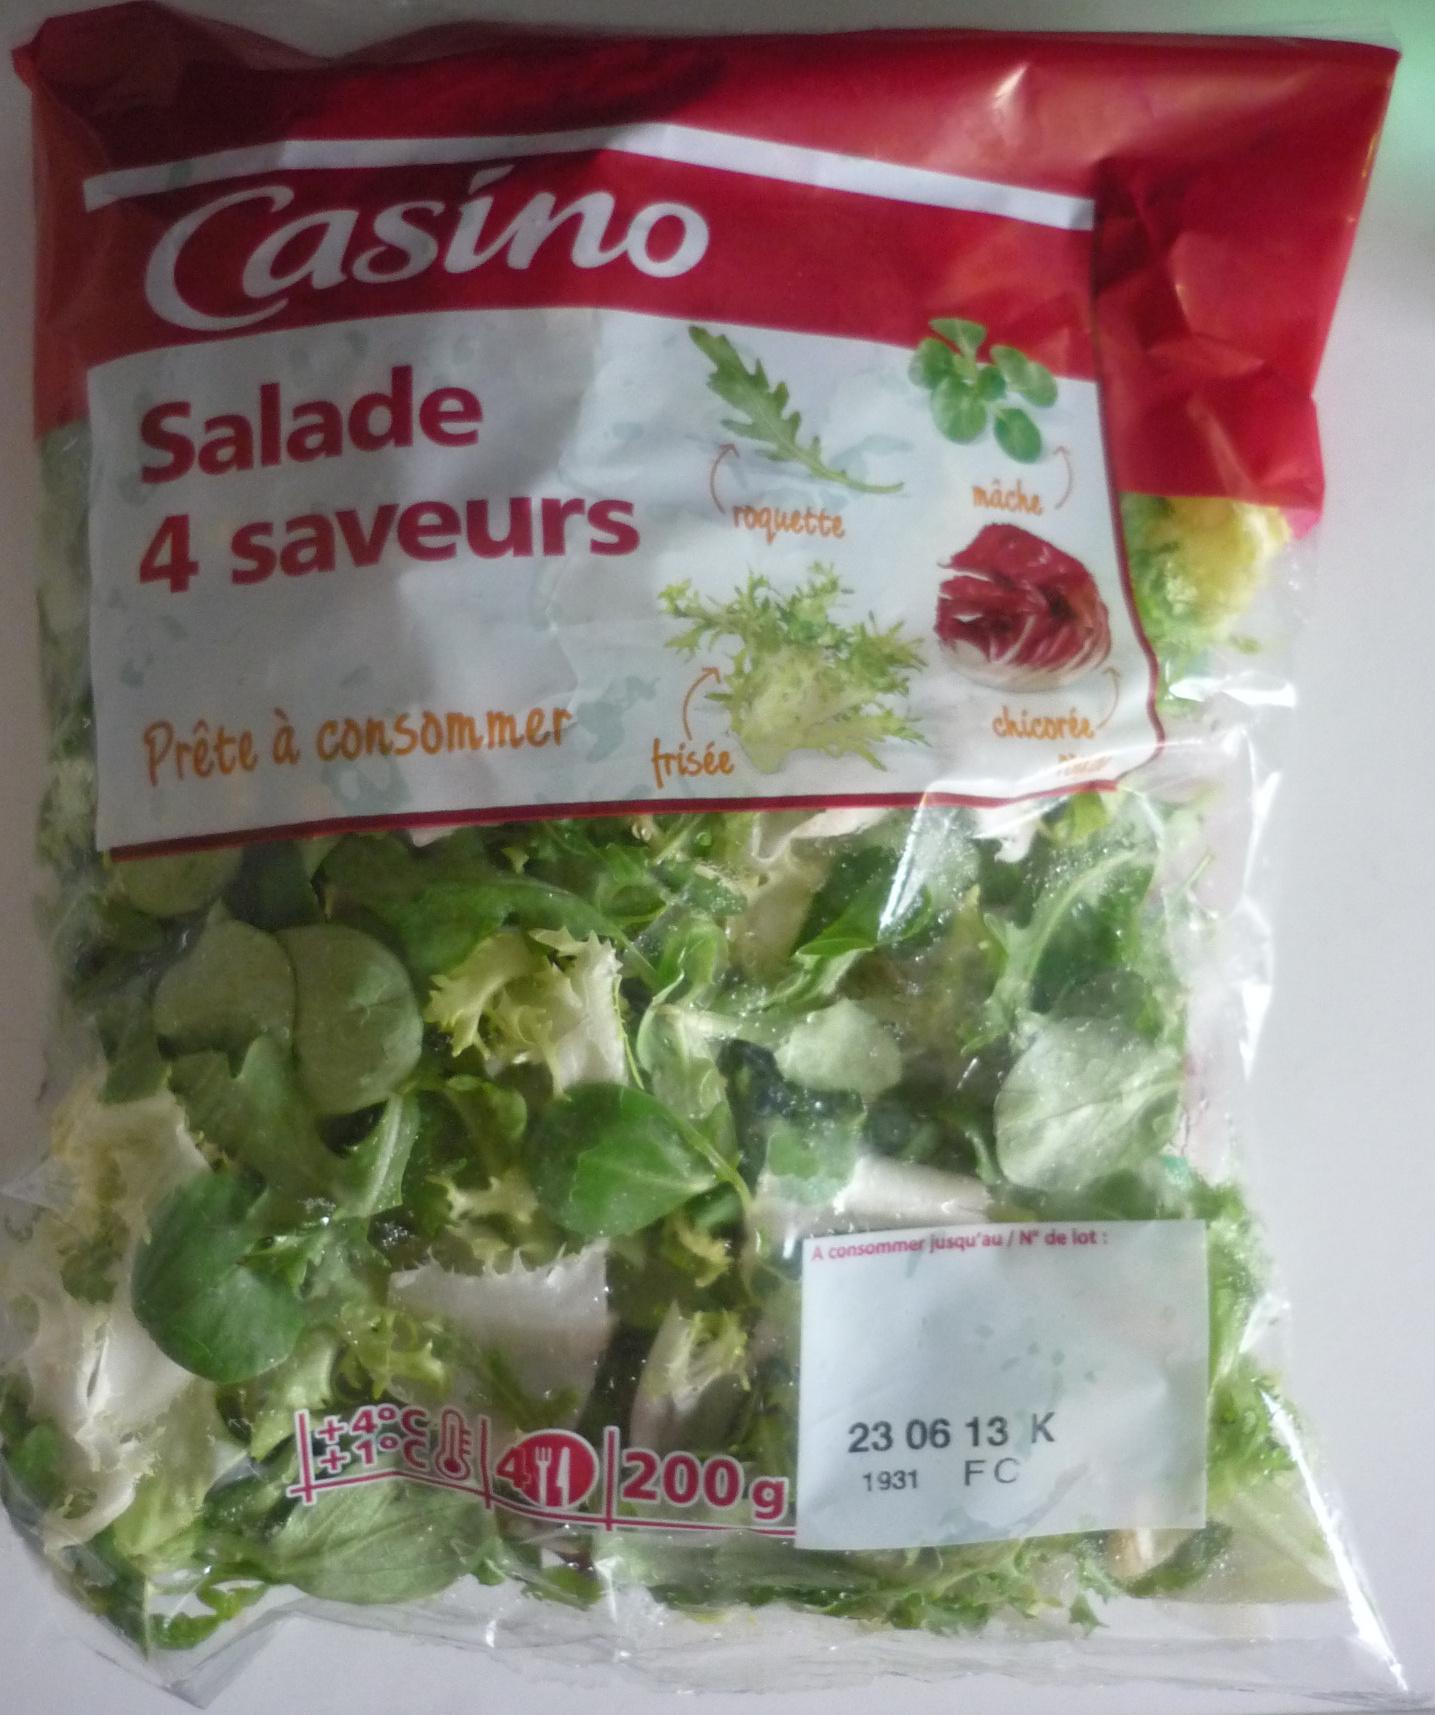 Salade 4 saveurs (4 portions) - Produit